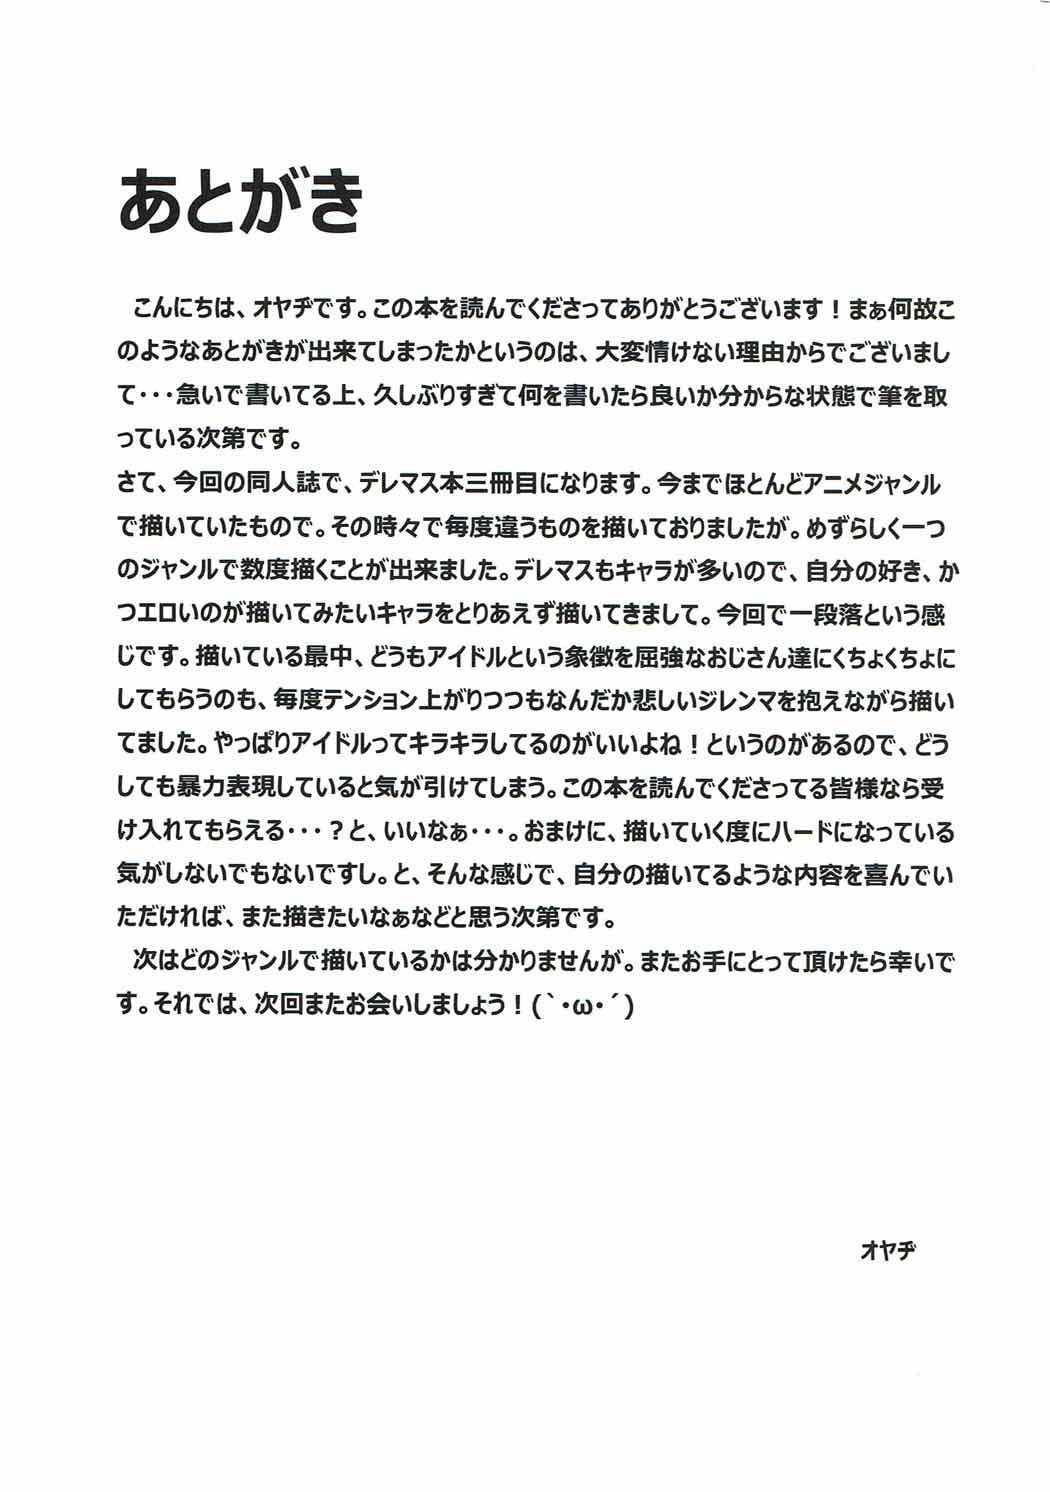 Bokutte Yappari Okasareteru Sugata mo Kawaii Desune 24